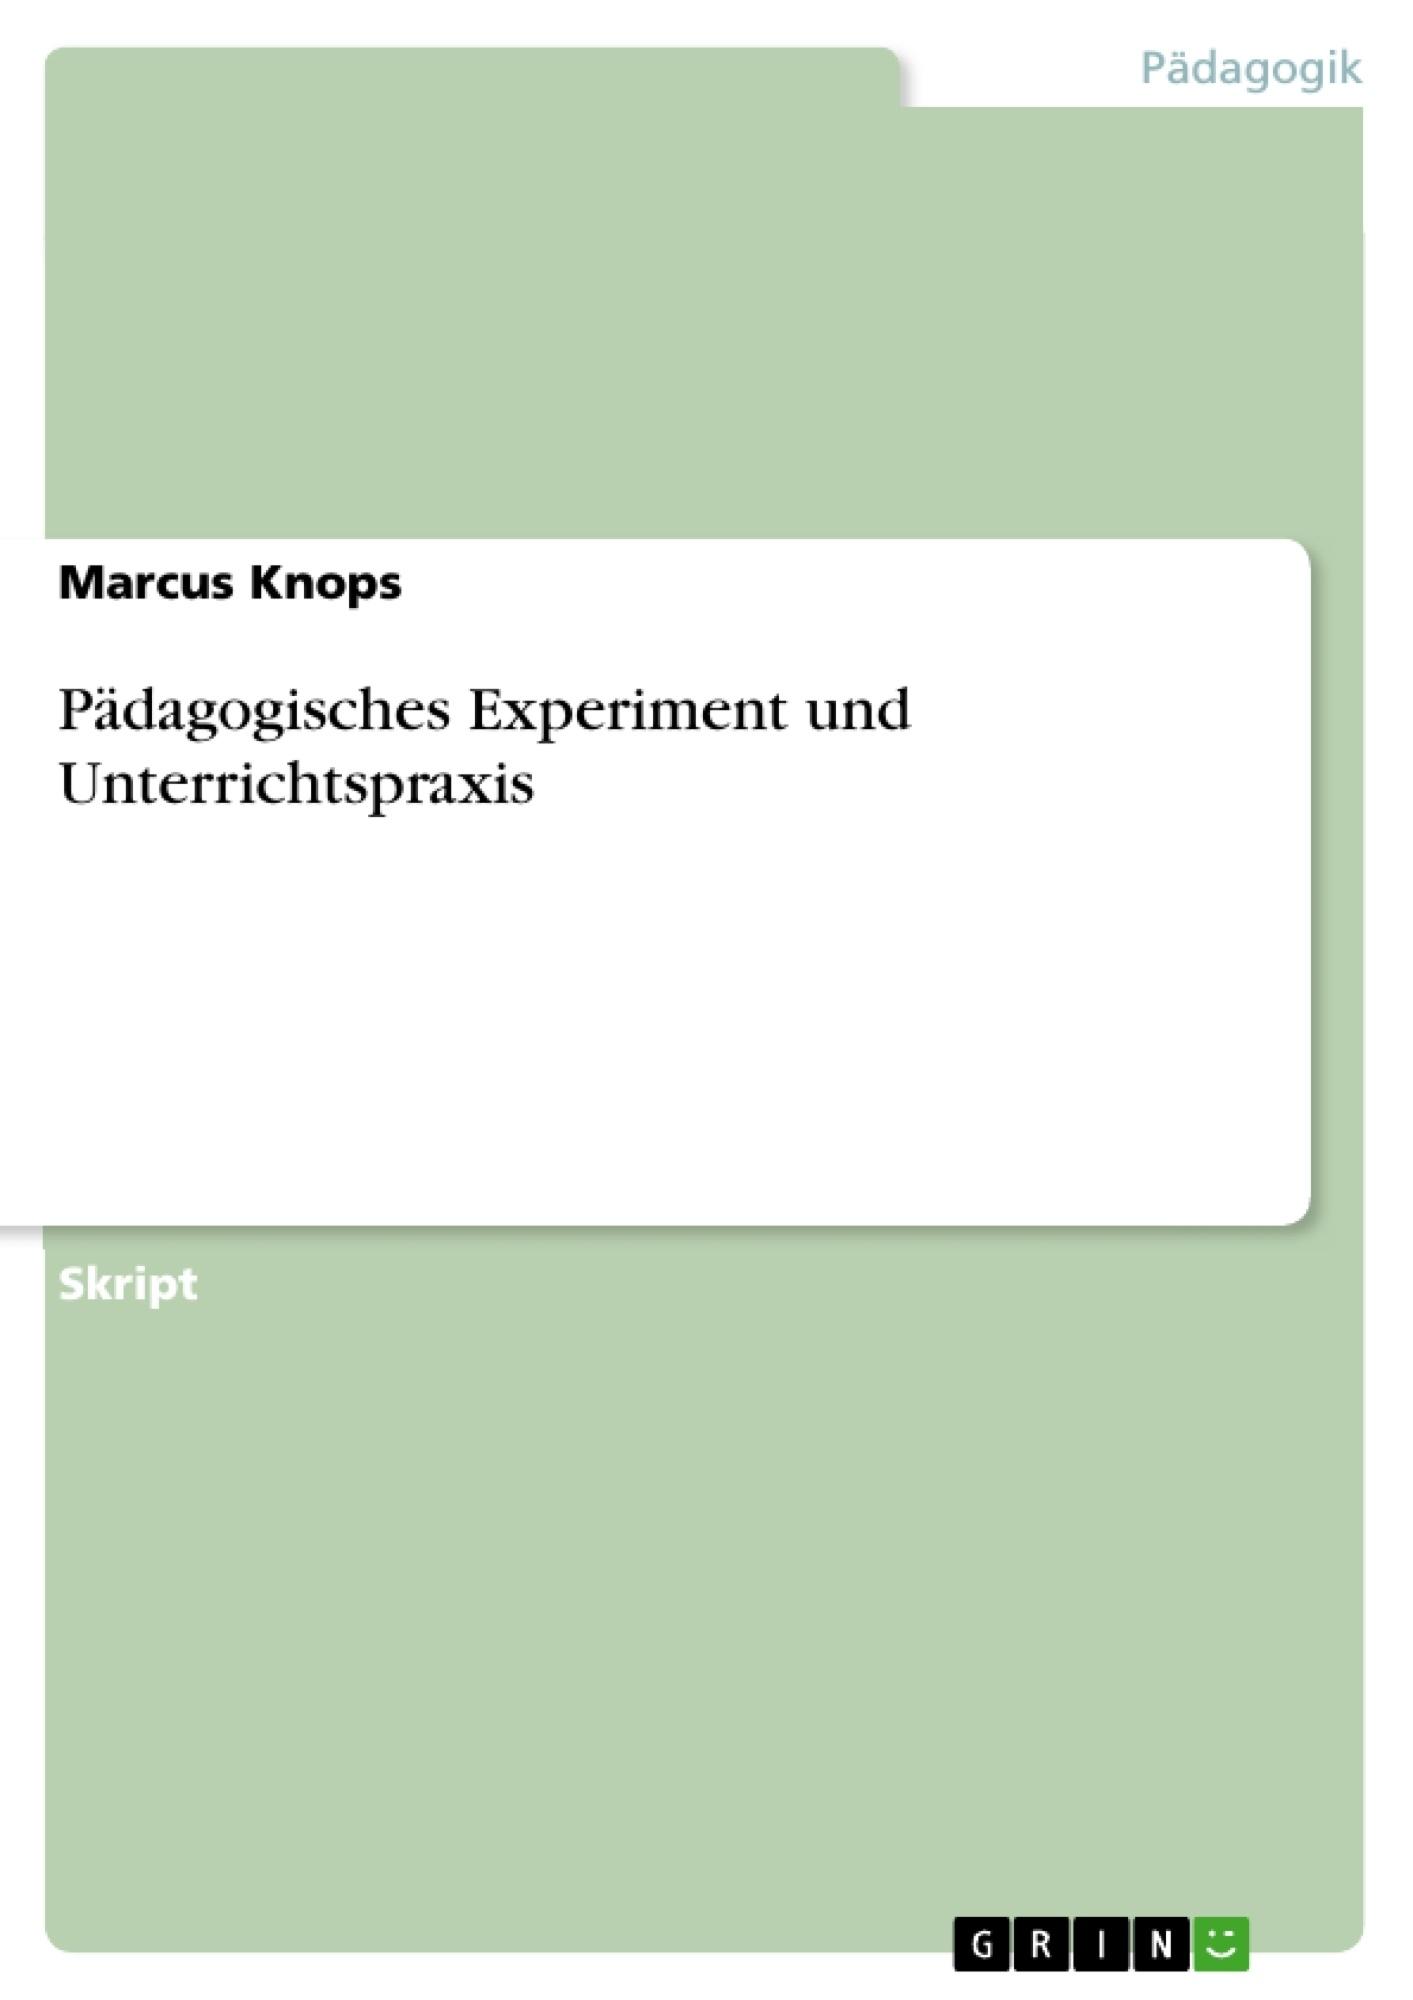 Titel: Pädagogisches Experiment und Unterrichtspraxis